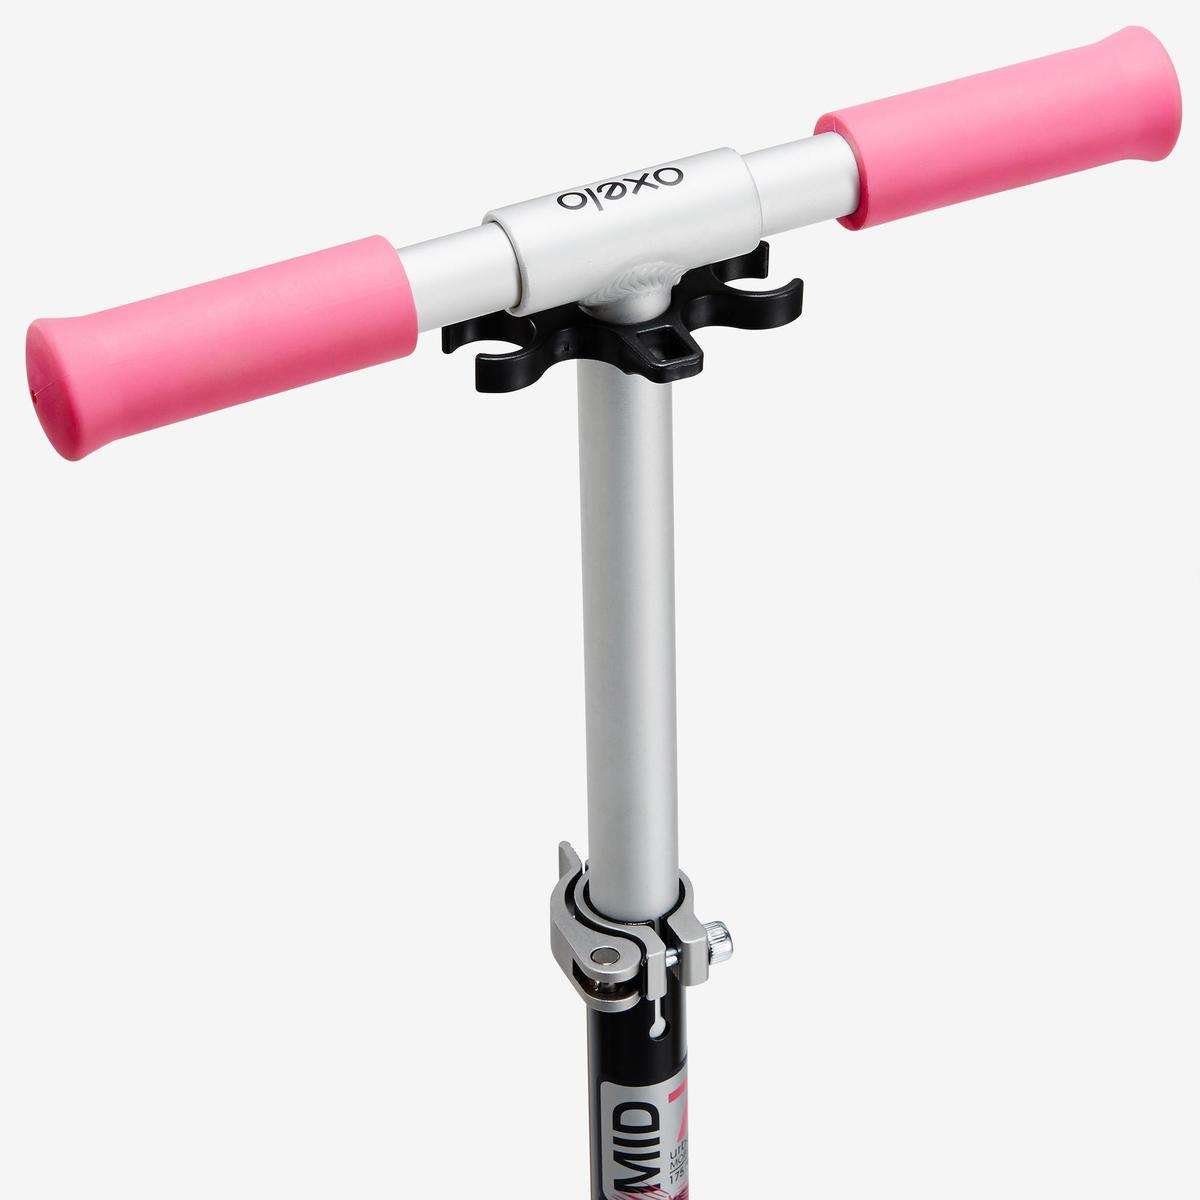 Bild 4 von City-Roller Scooter Mid 7 mit Ständer schwarz/rosa